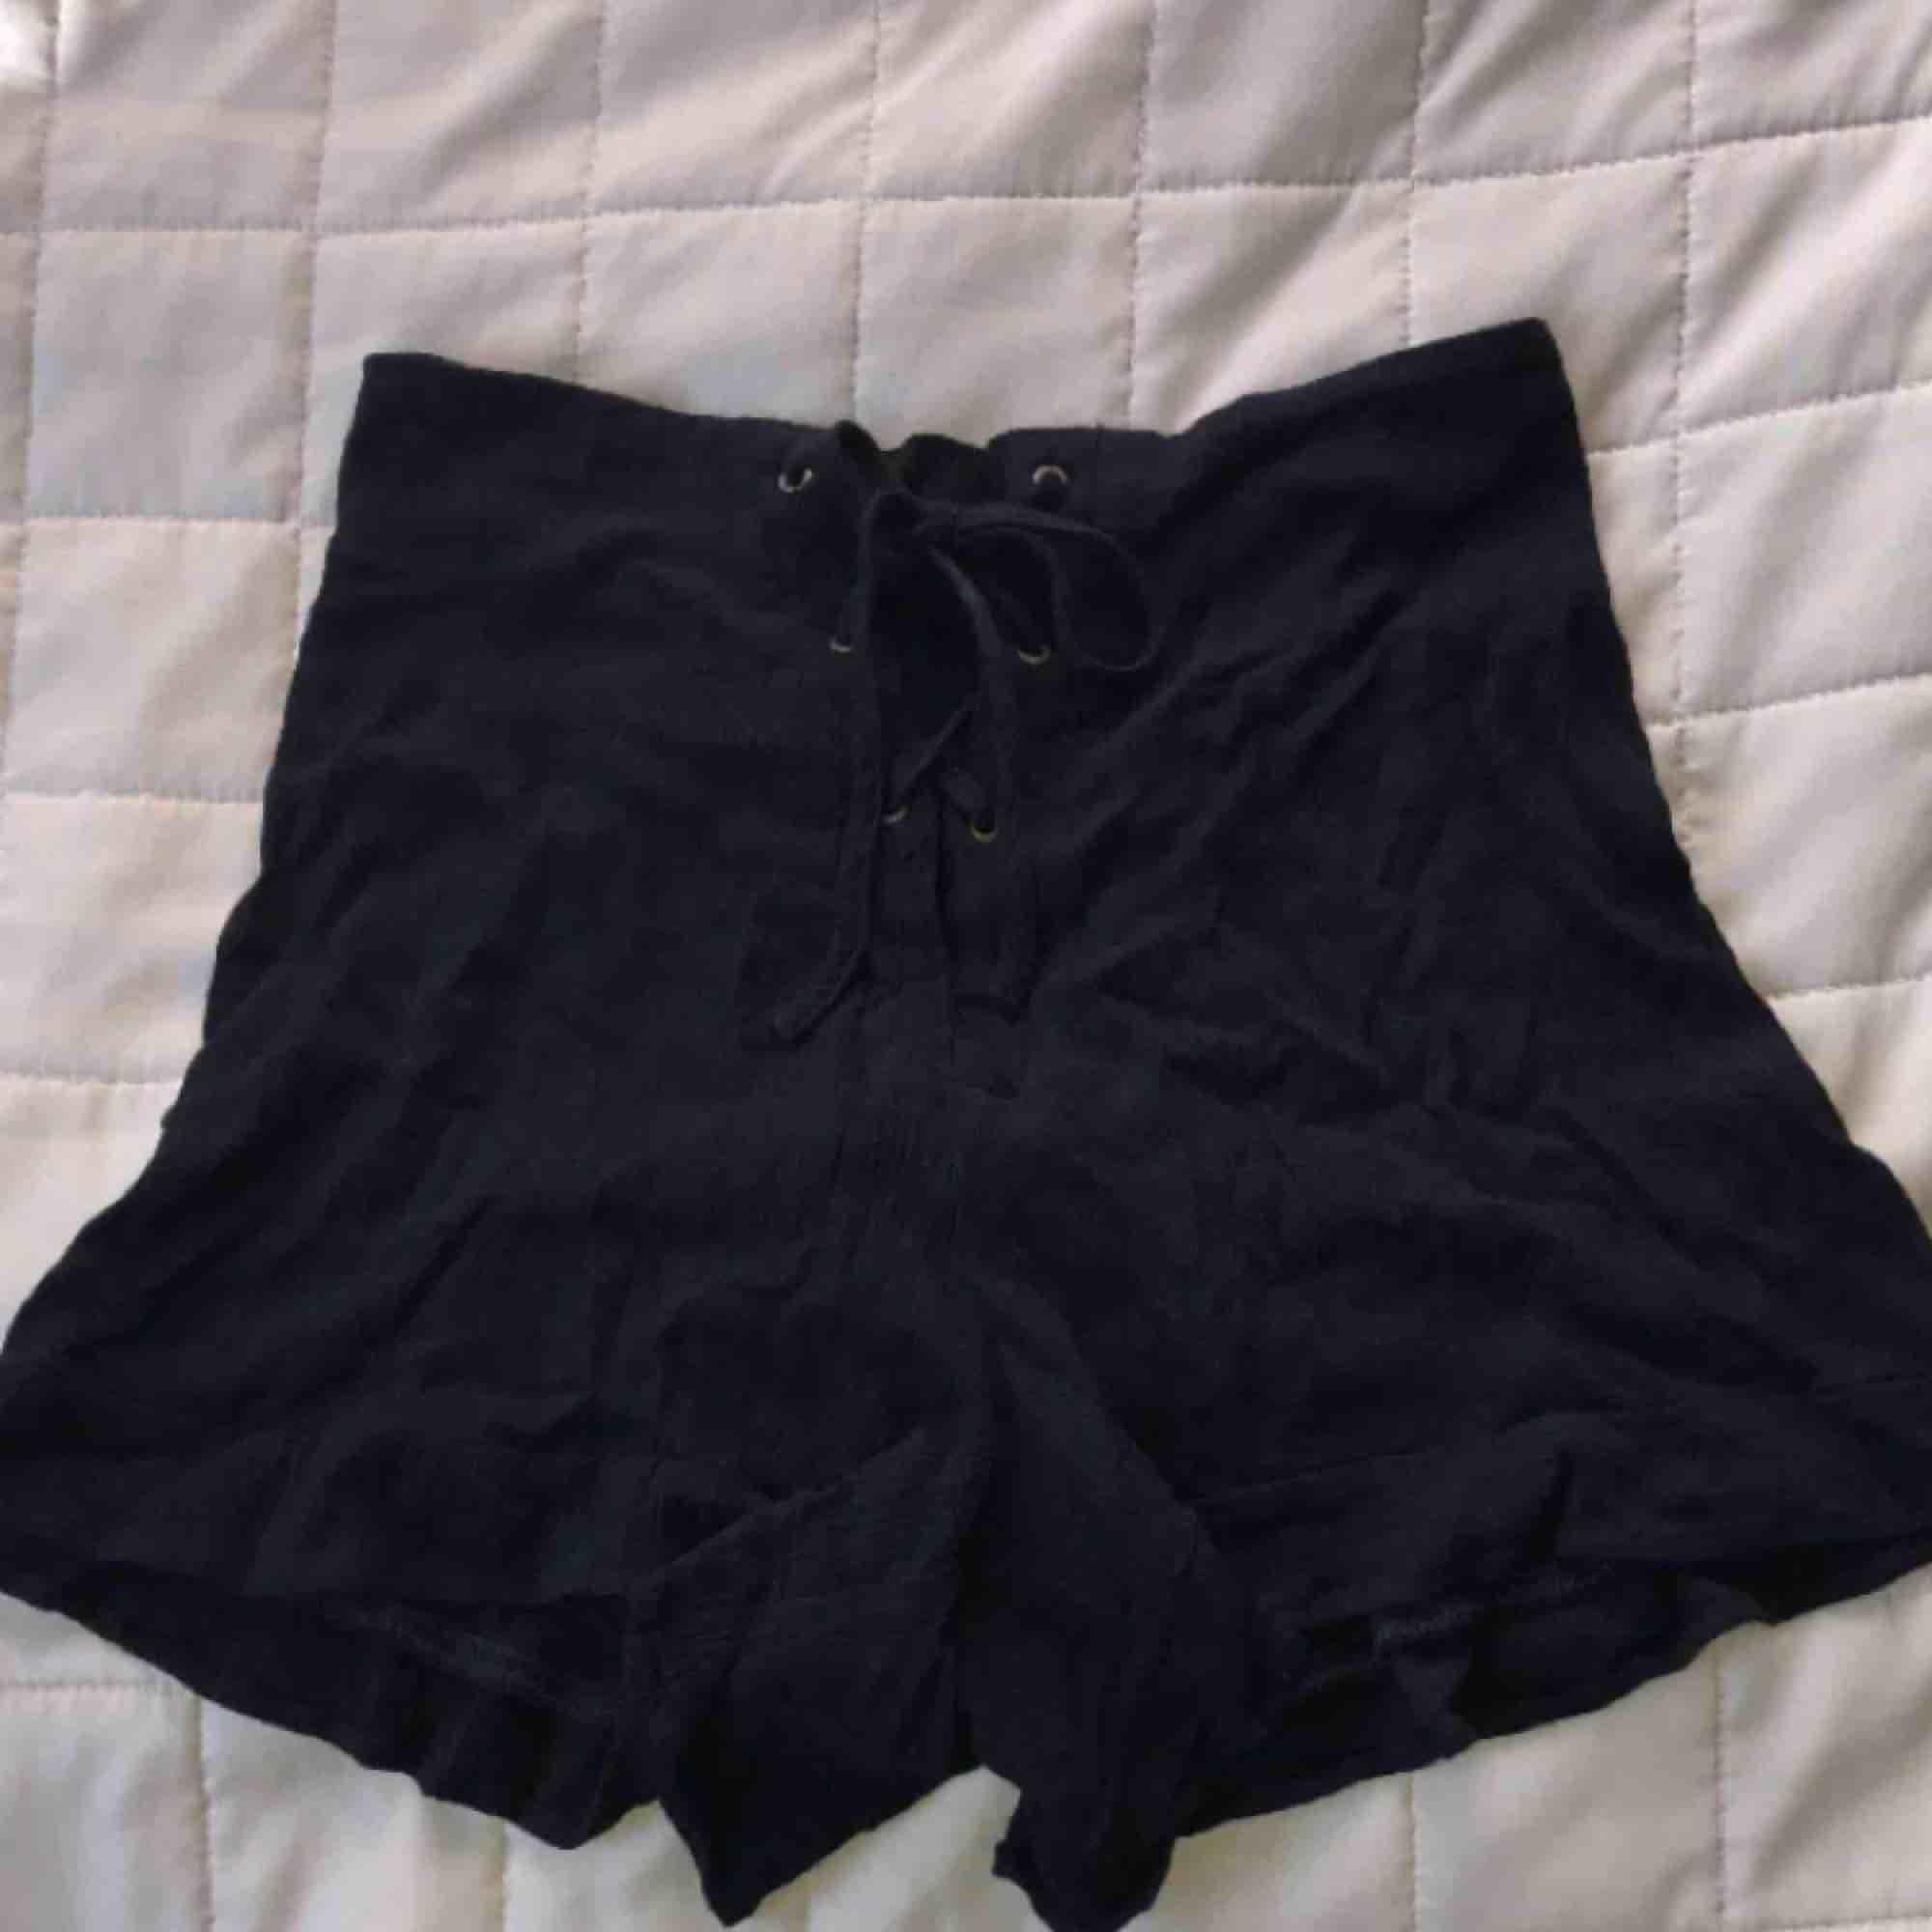 Högmidjade shorts. Midjan kan justeras å anpassas (snörning). Shorts.